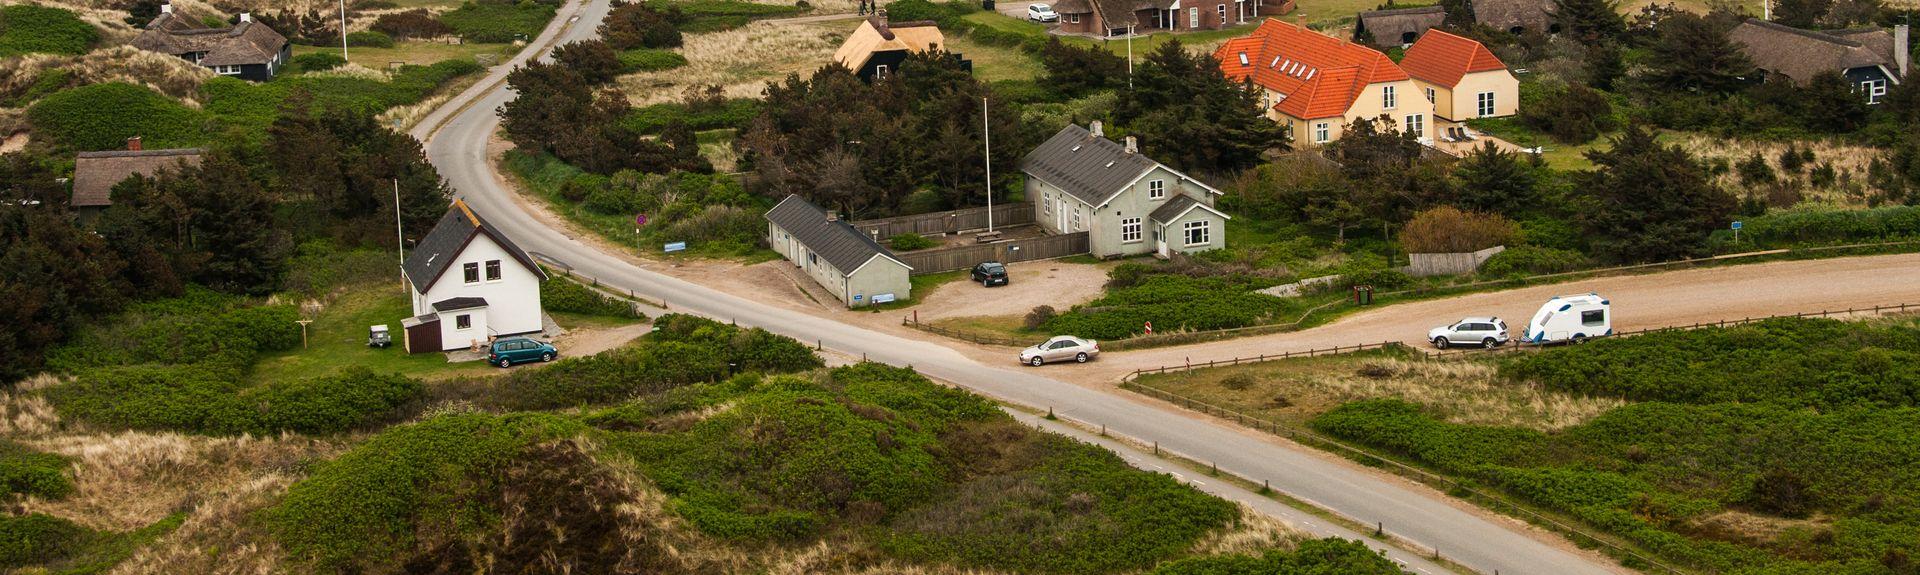 Blavand, Syddanmark, Denmark